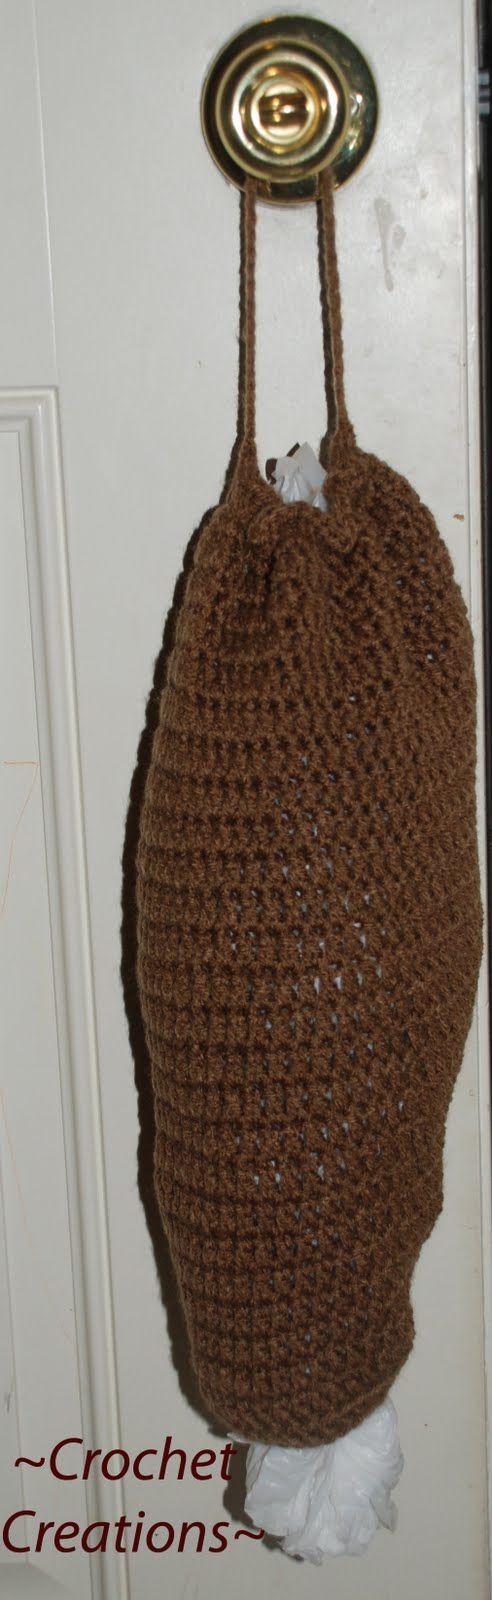 18 best Plarn - Plastic Bag Crochet images on Pinterest   Plastic ...